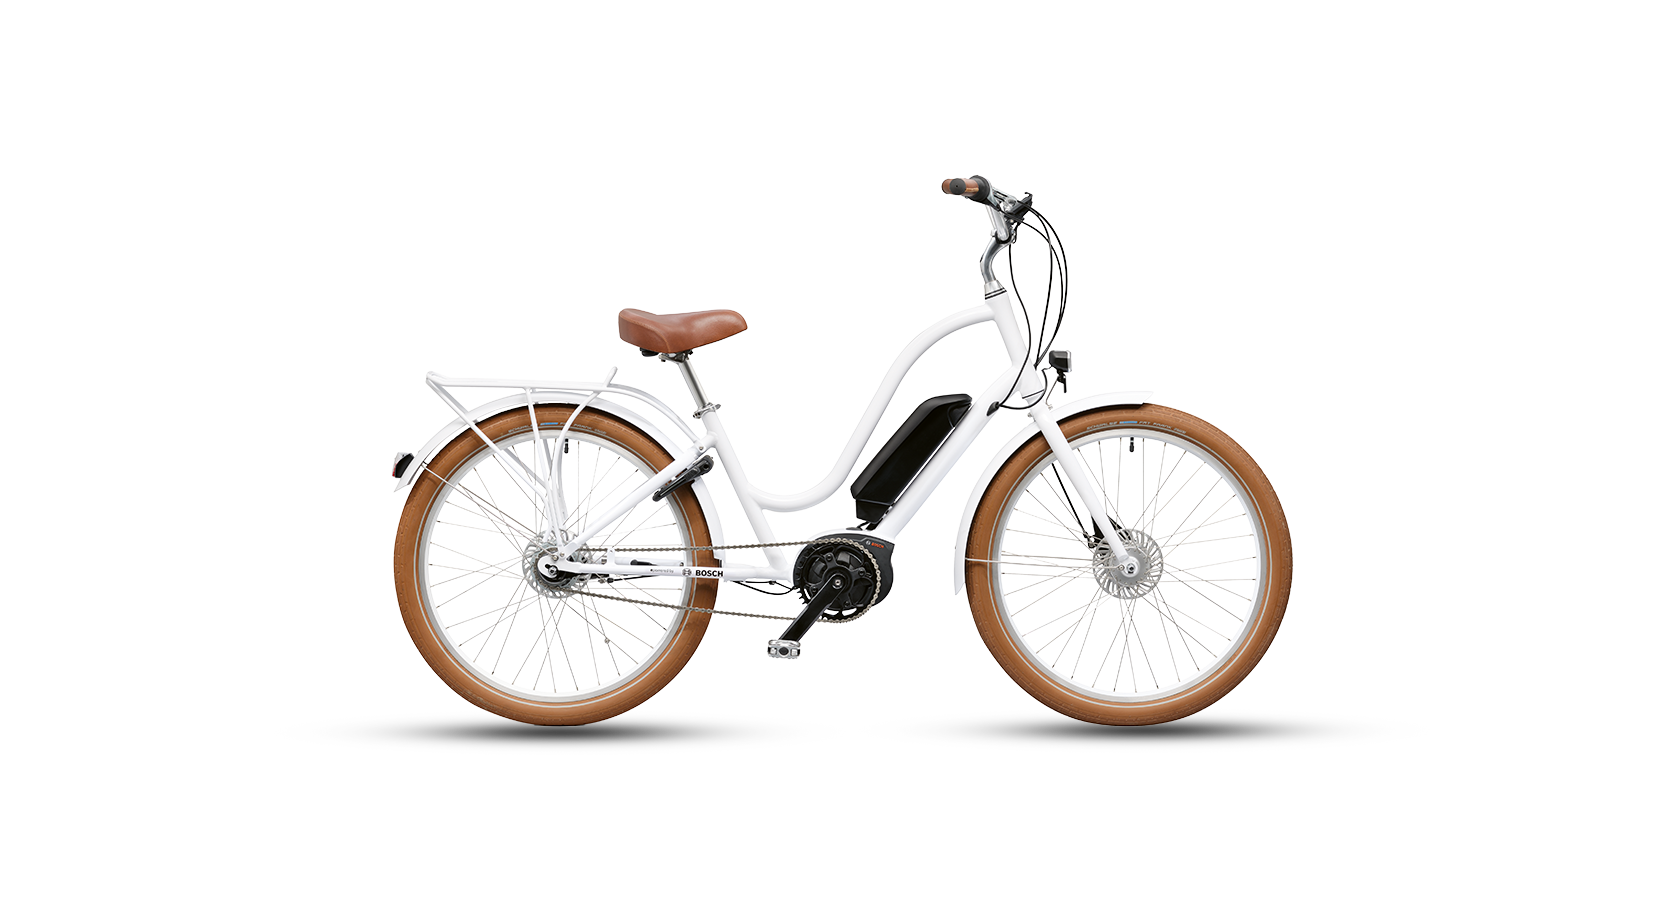 miglior e-bike